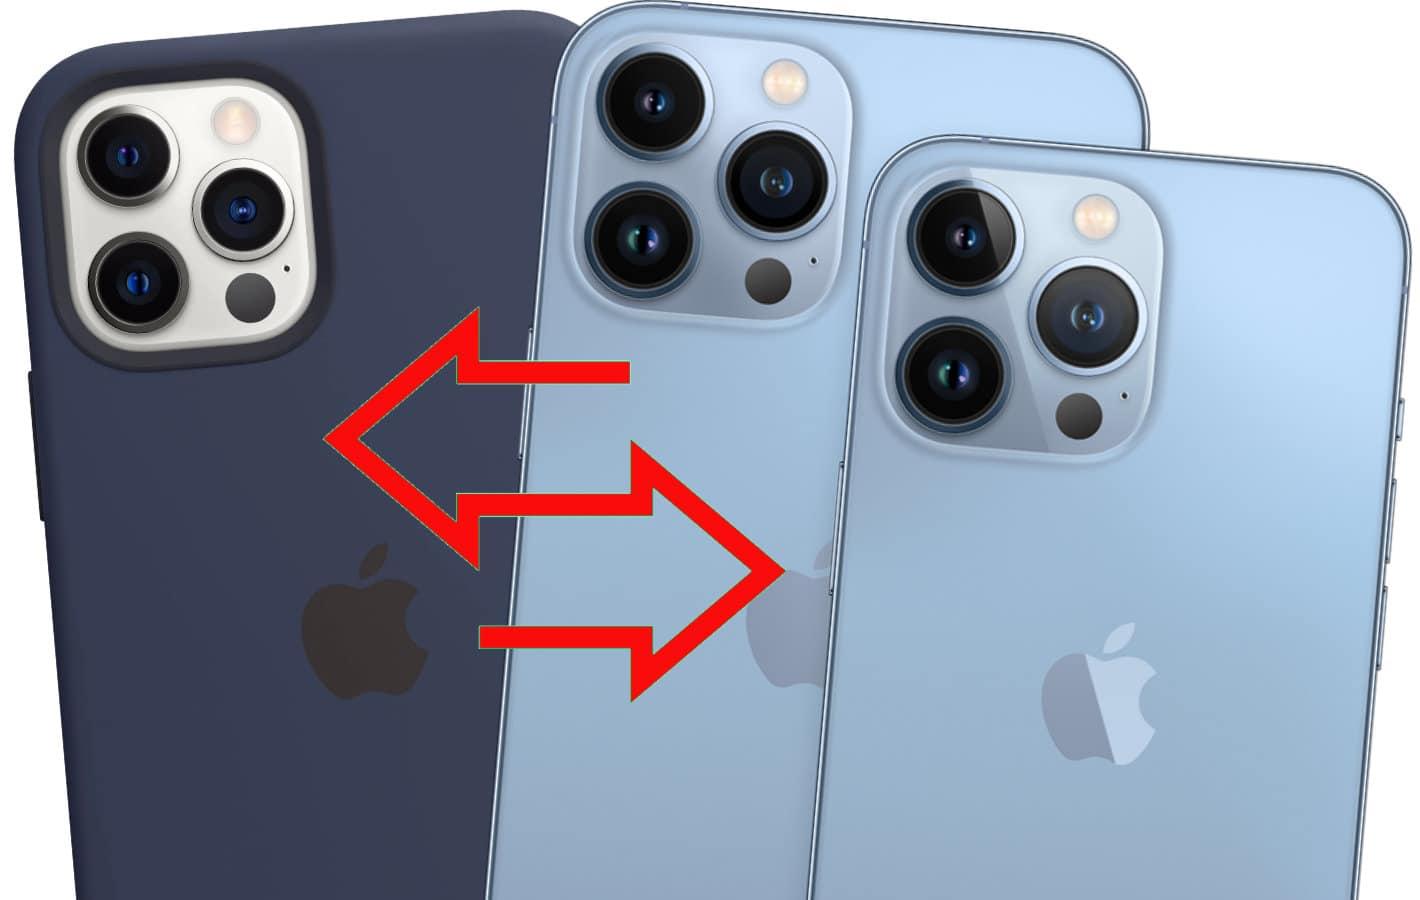 Passt die Hülle des iPhone 12 auf das iPhone 13?